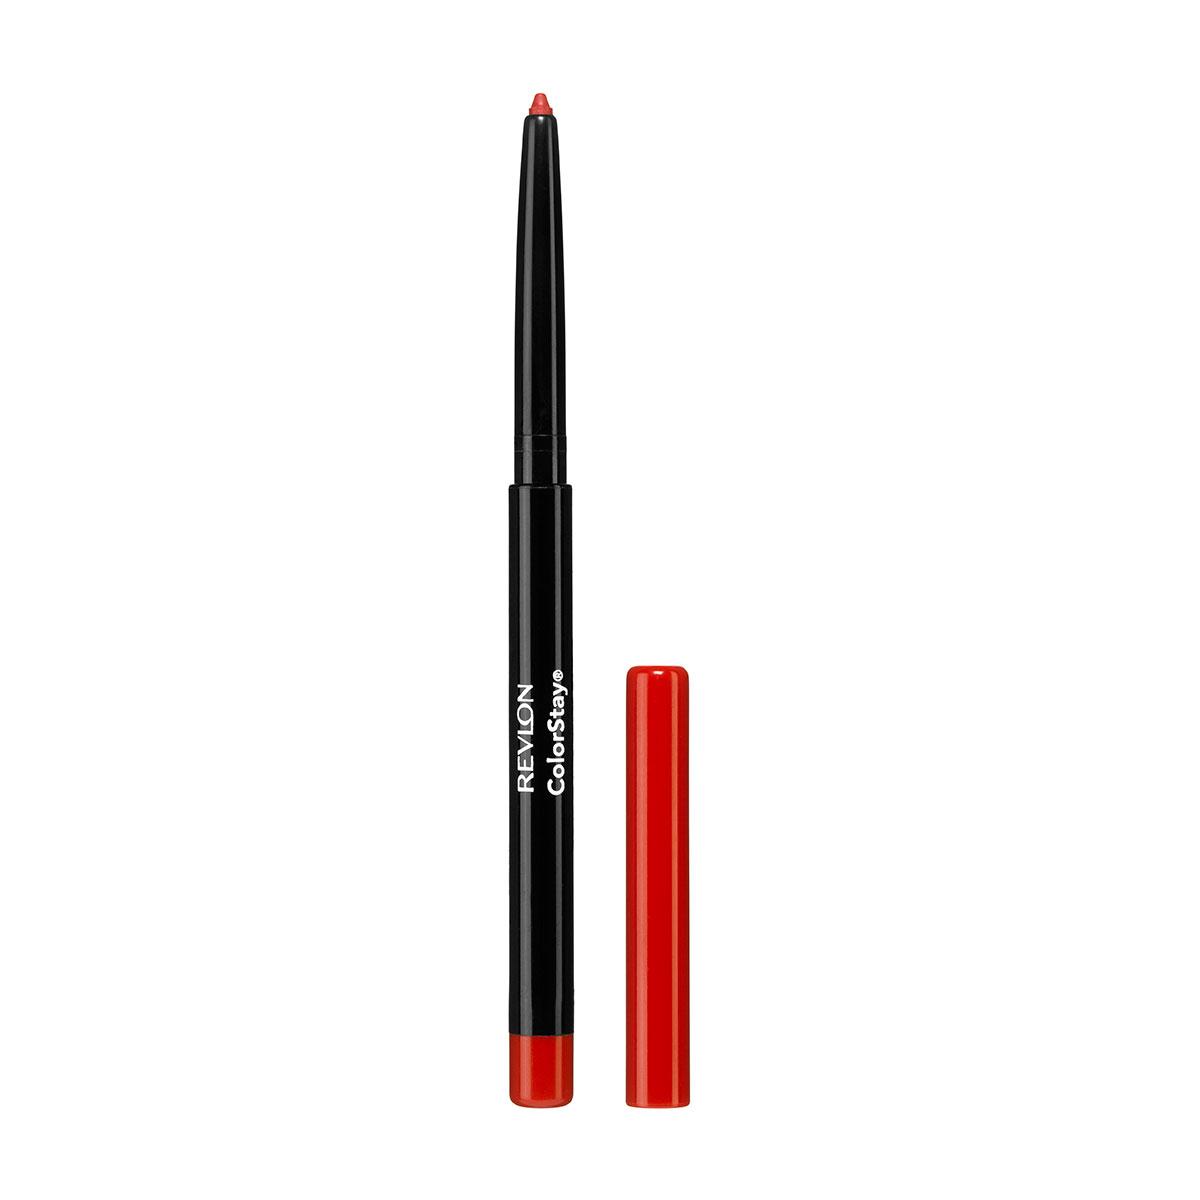 Revlon Карандаш для Губ Colorstay Lip Liner Red 20 5 г5010777142037Контурный карандаш для губ ColorStay™ создан на основе уникальной технологии SoftFlex™, которая предупреждает растекание или смазывание губной помады. Карандаш обладает мягкой текстурой и позволяет быстро прорисовать желаемый контур. В корпусе карандаша встроена точилка.Наносить на контур губ или растушевывать по всей поверхности губ